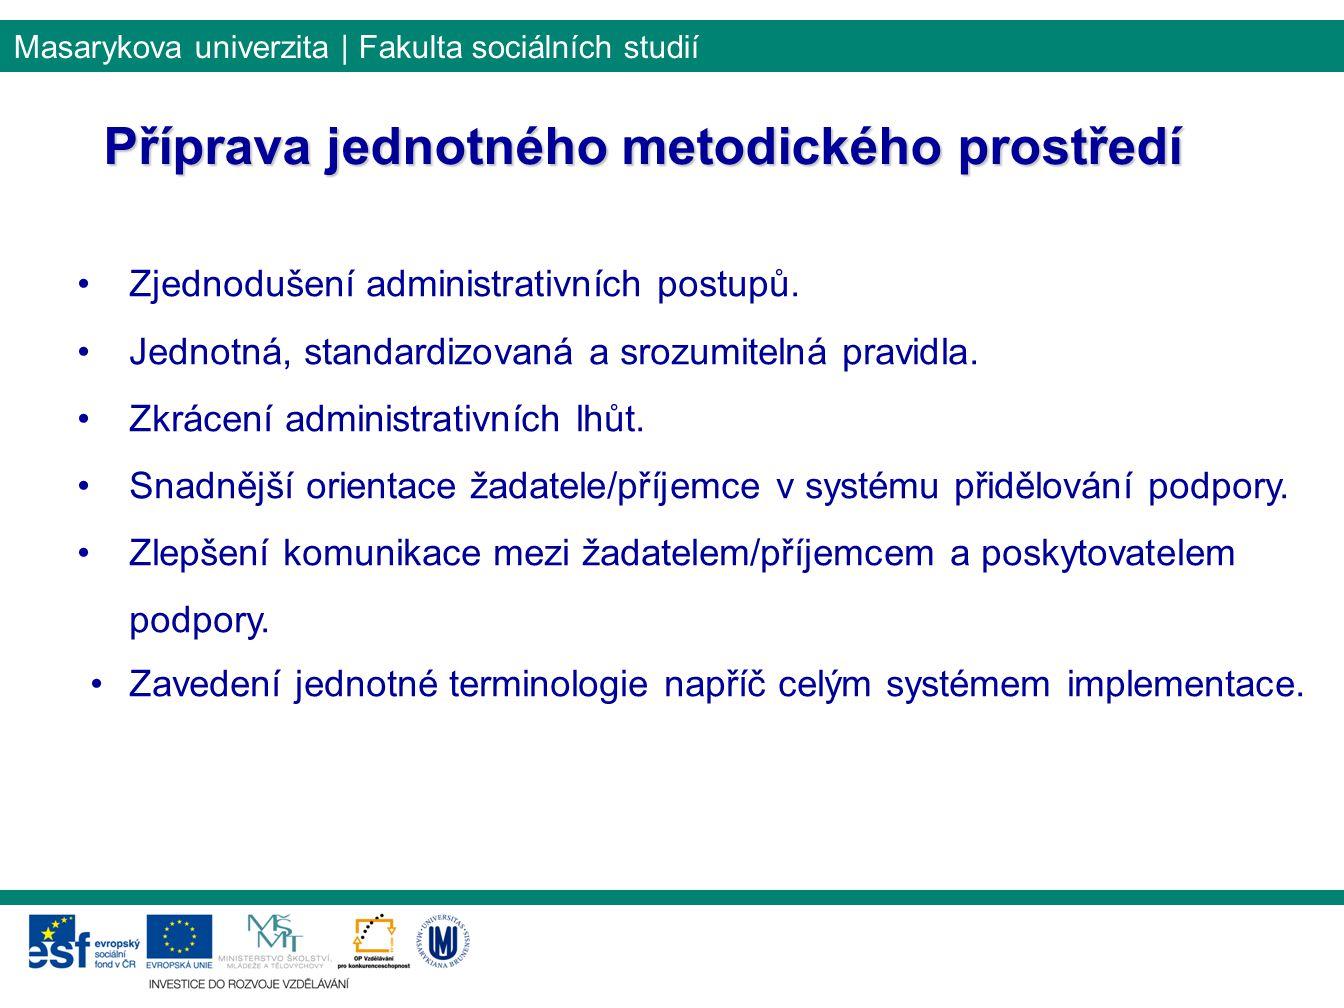 Masarykova univerzita | Fakulta sociálních studií Příprava jednotného metodického prostředí Zjednodušení administrativních postupů.